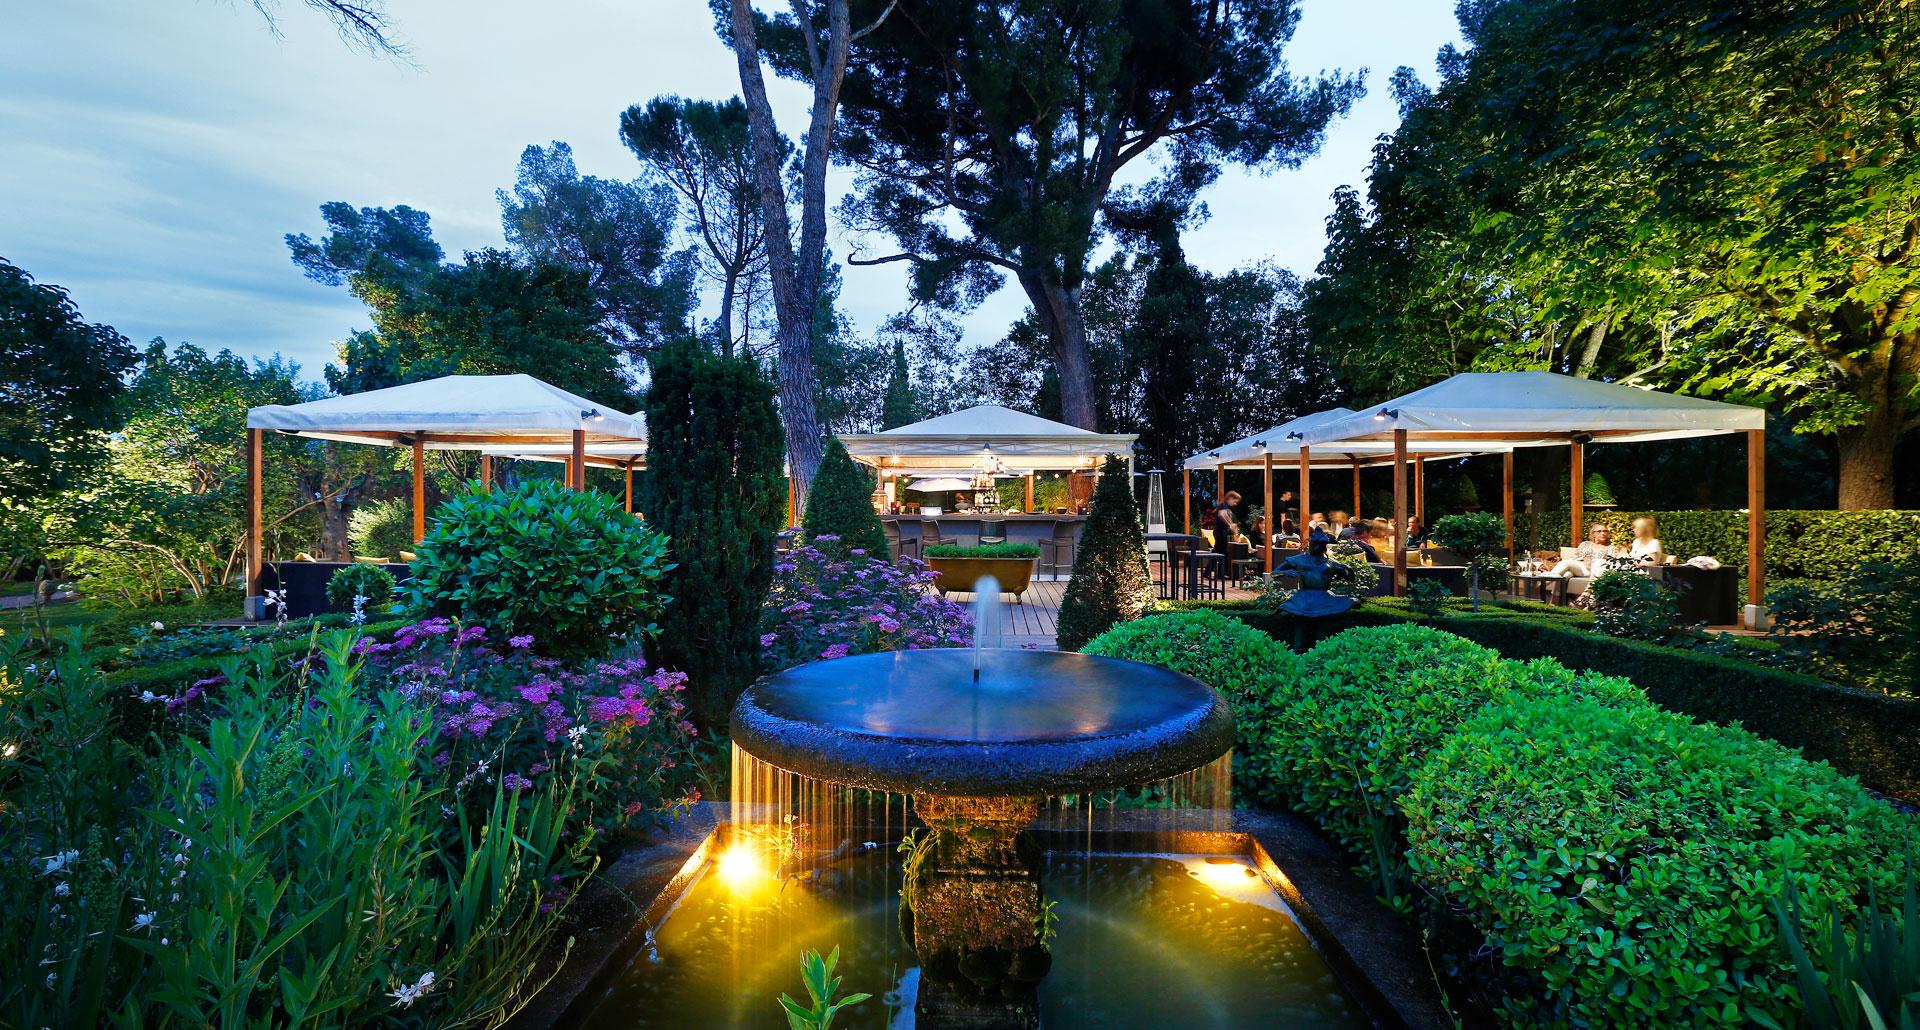 LE PIGONNET- boutique estate hotel in Aix-en-Provence, France